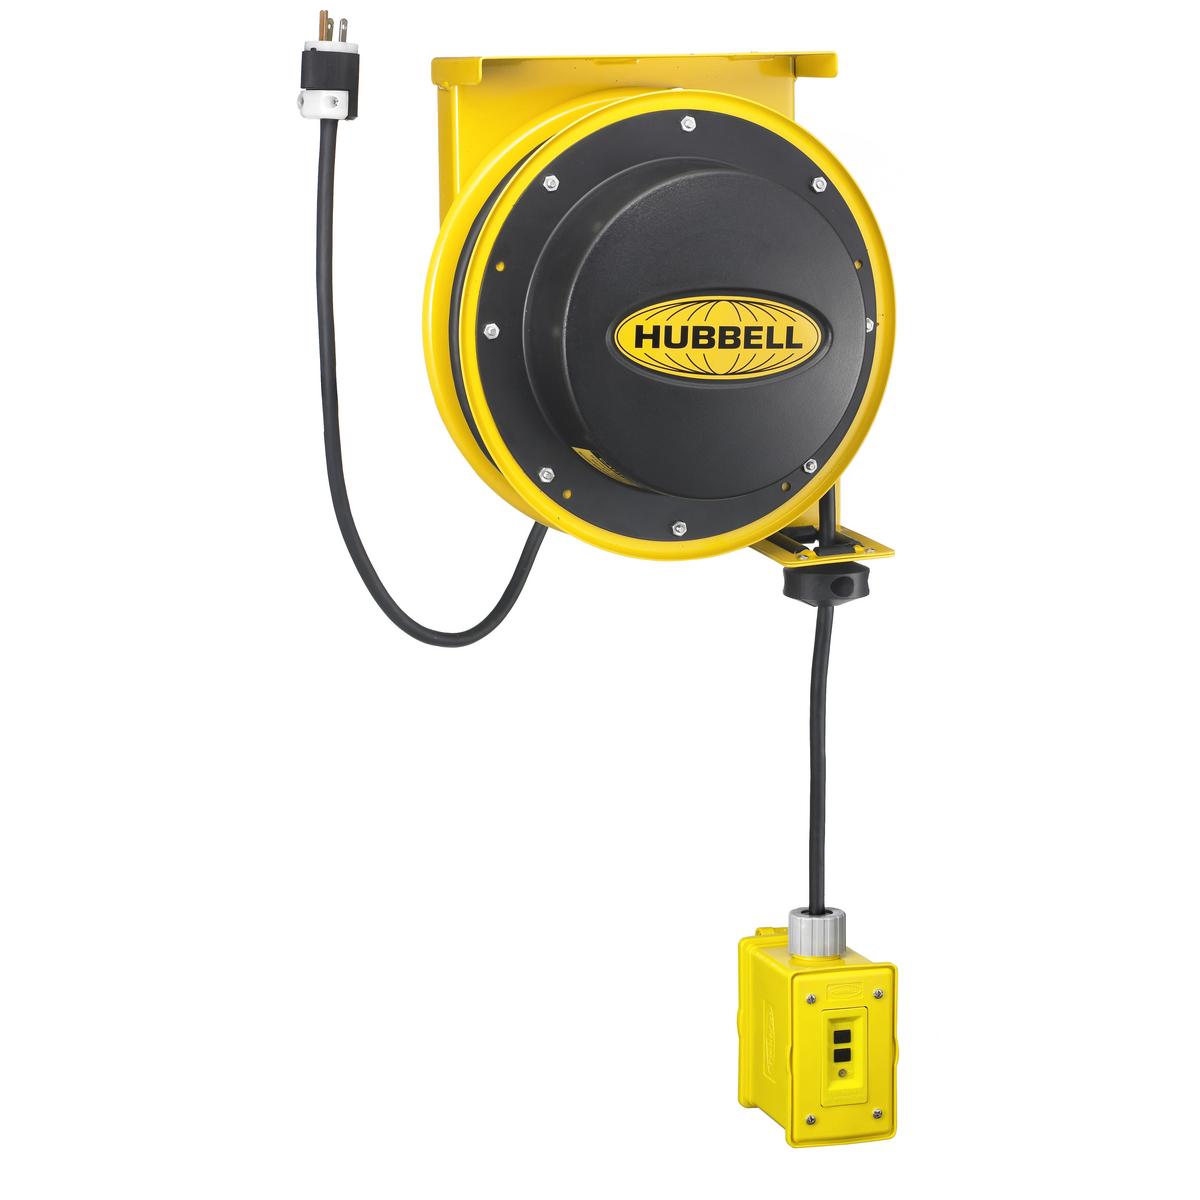 Hubbell HBL45123GF20CORD REEL w/GF MODULE, 45' 12/3, 20A